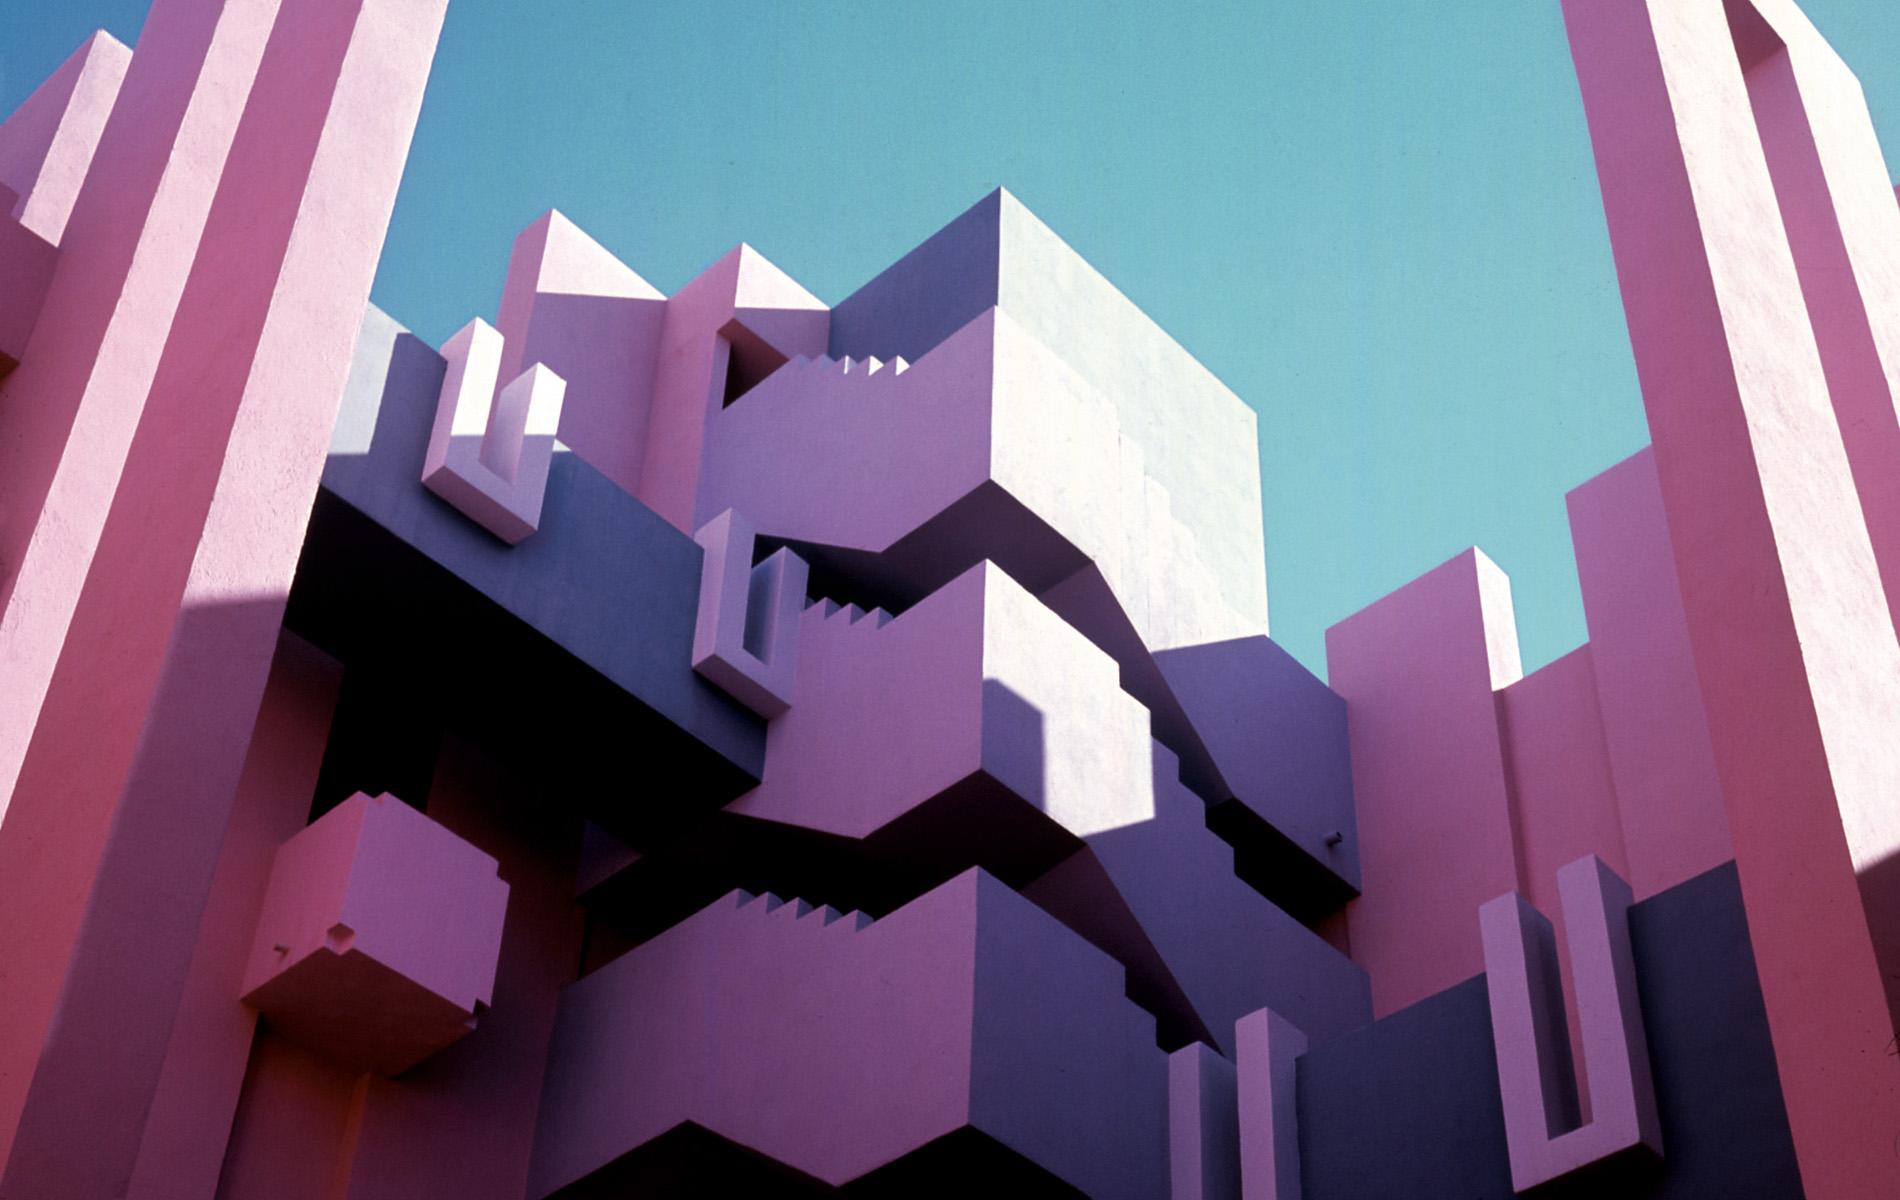 [Arquitectura] La muralla roja, un sueño de arcilla de Ricardo Bofill